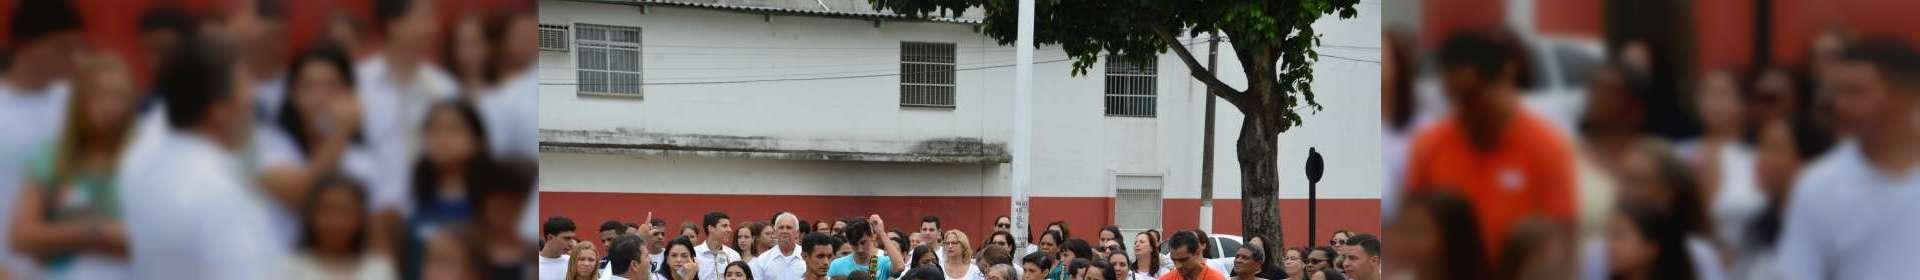 Atividades evangelísticas precedem cultos especiais em Piúma, ES, e Teixeira, MG